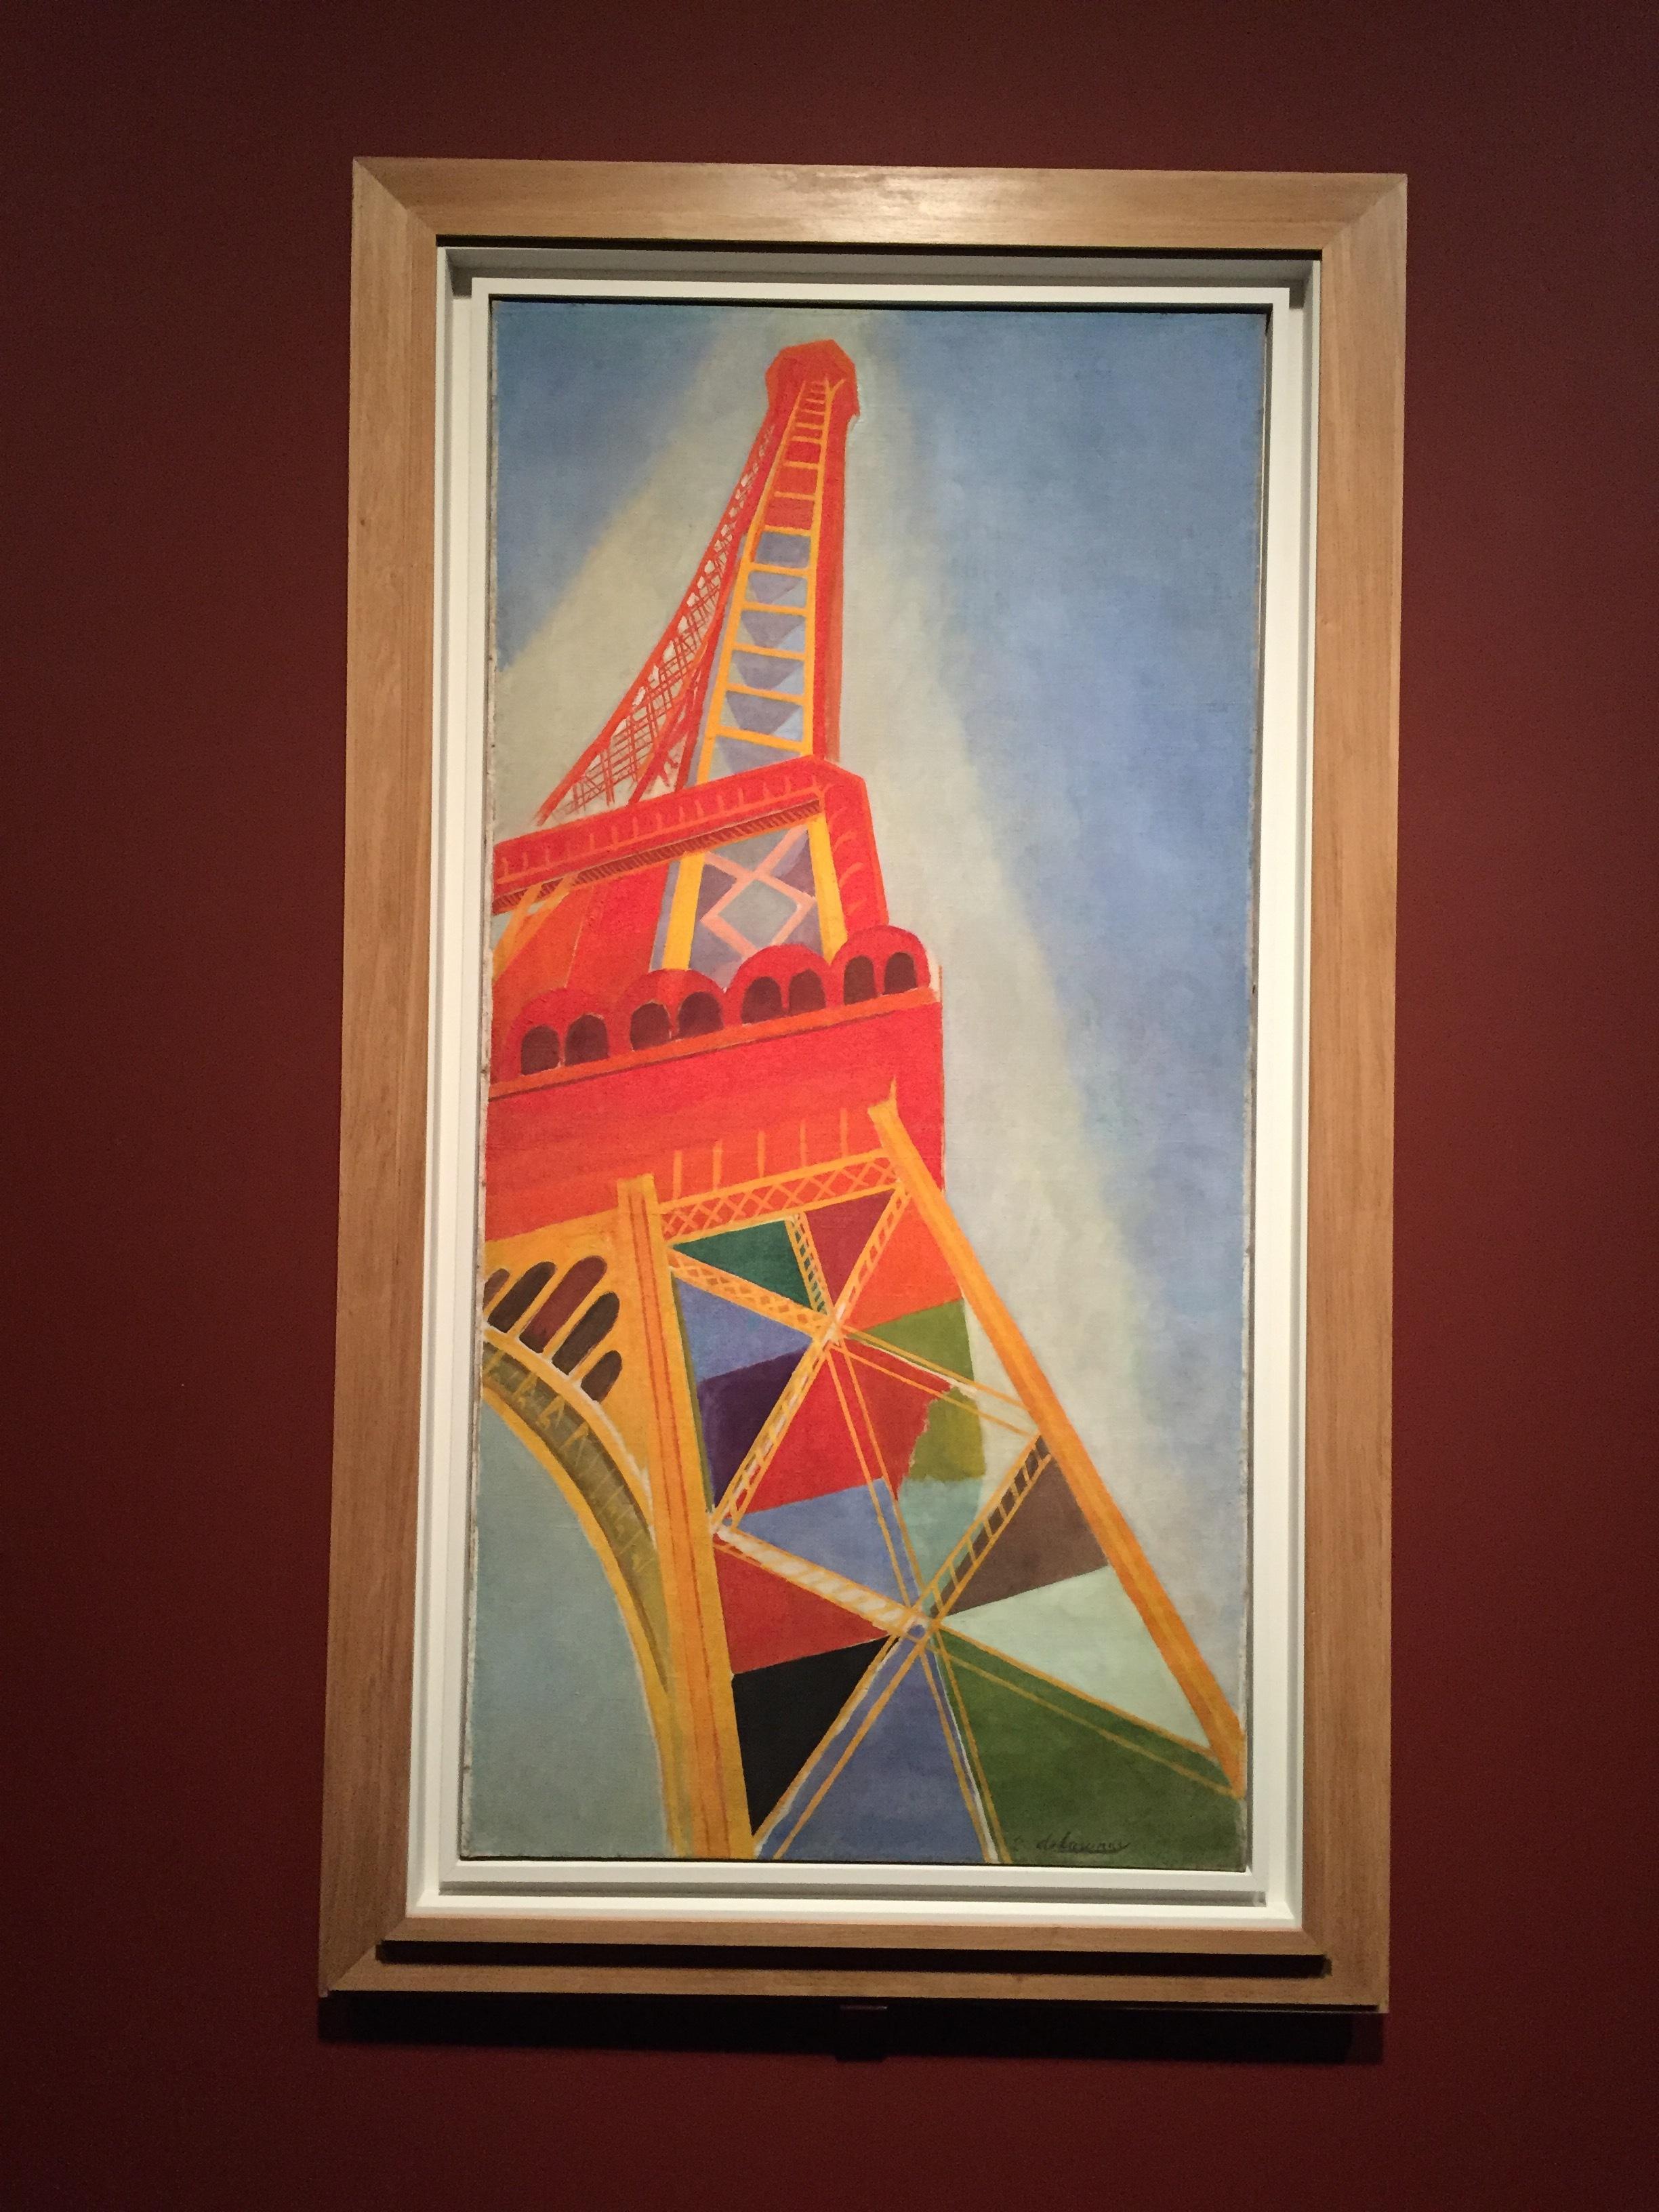 ロベール・ドローネー《エッフェル塔》1926年 ⓒgirls Artalk